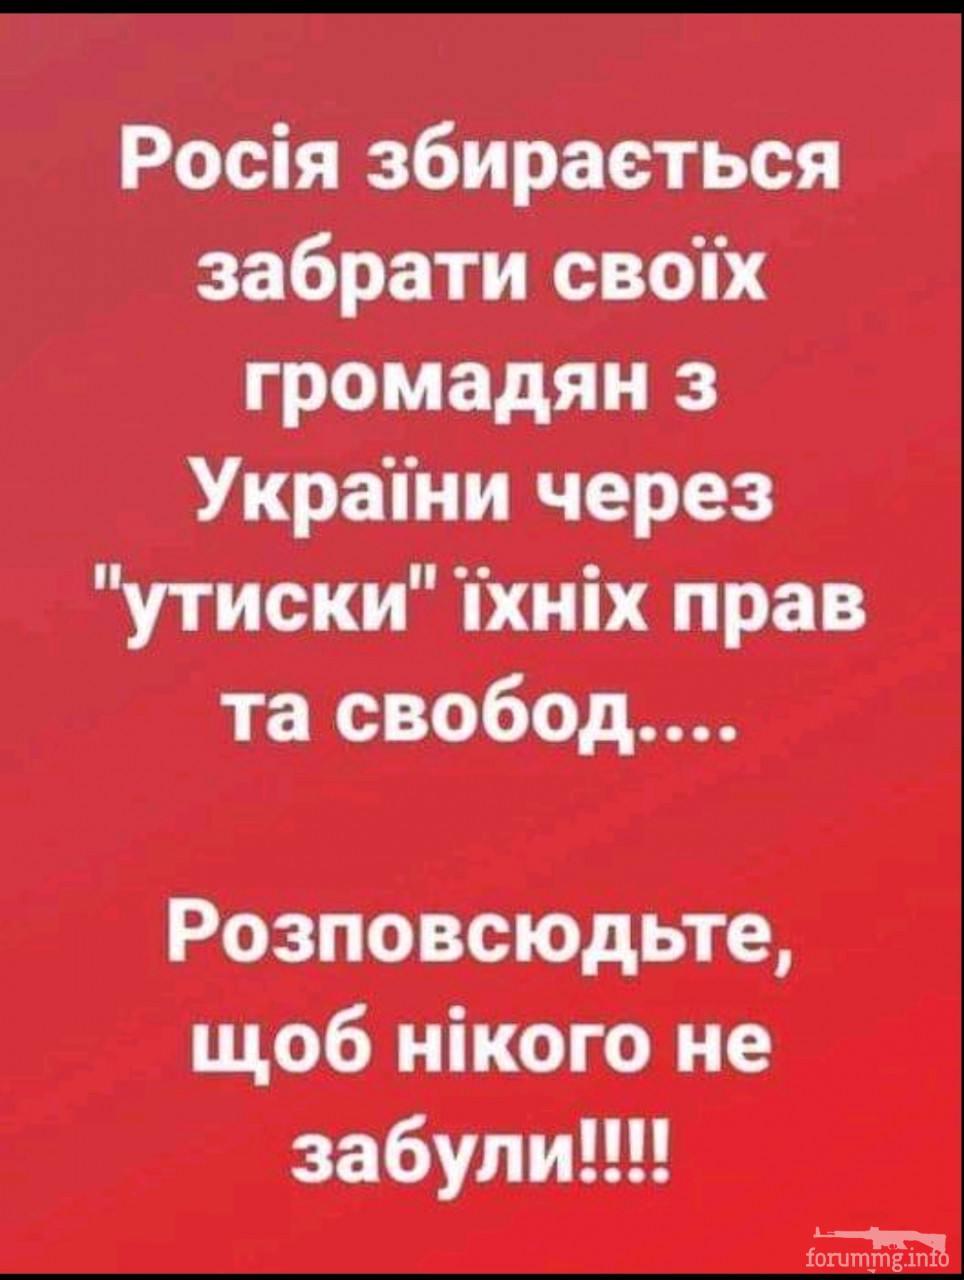 138412 - Украинцы и россияне,откуда ненависть.